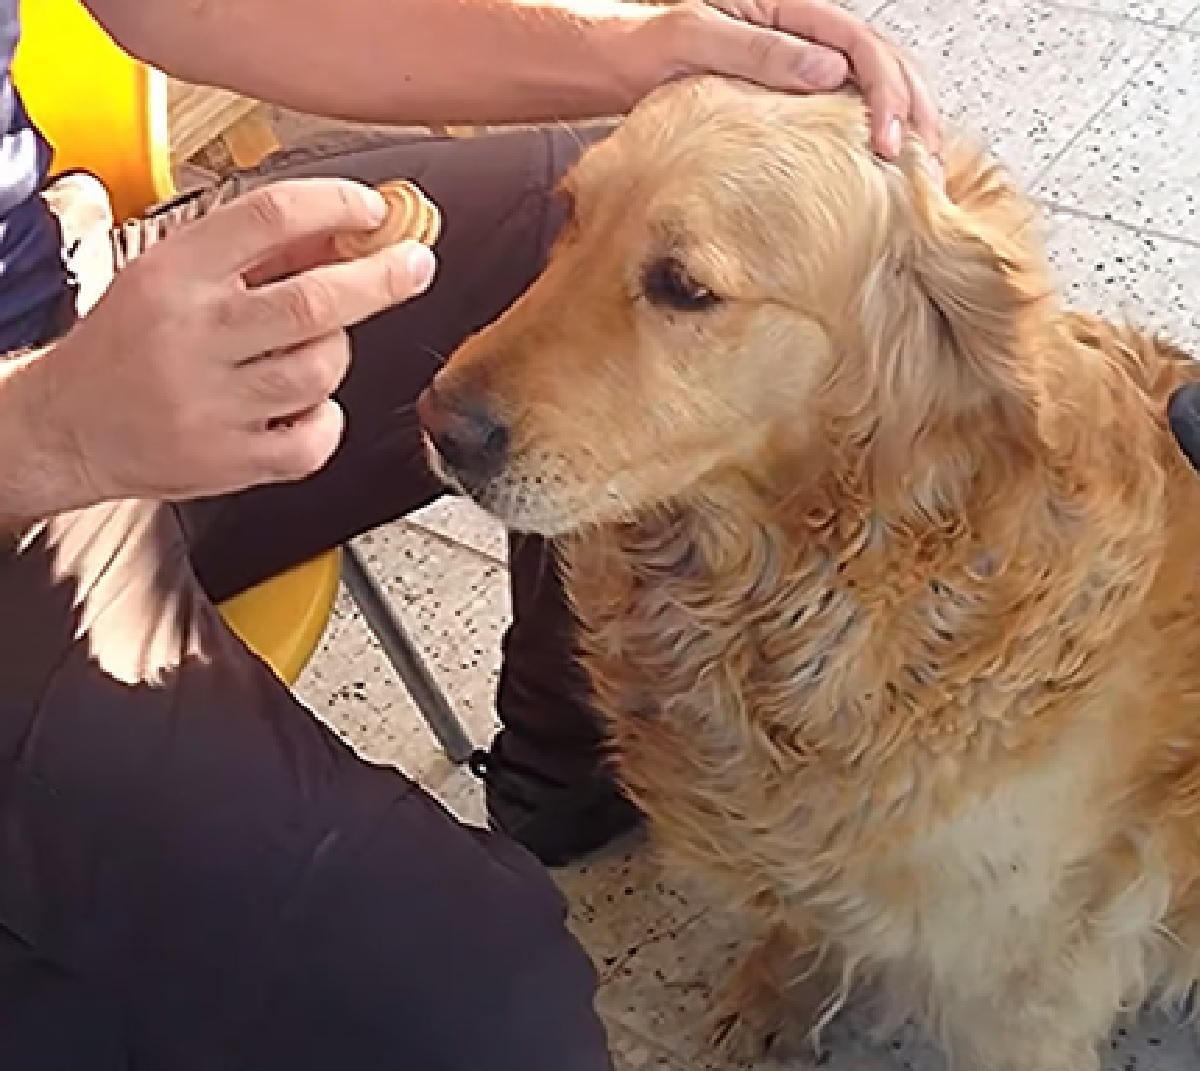 Il cucciolo Golden Retriever ha imparato un trucco meraviglioso, nel video la sua abilità